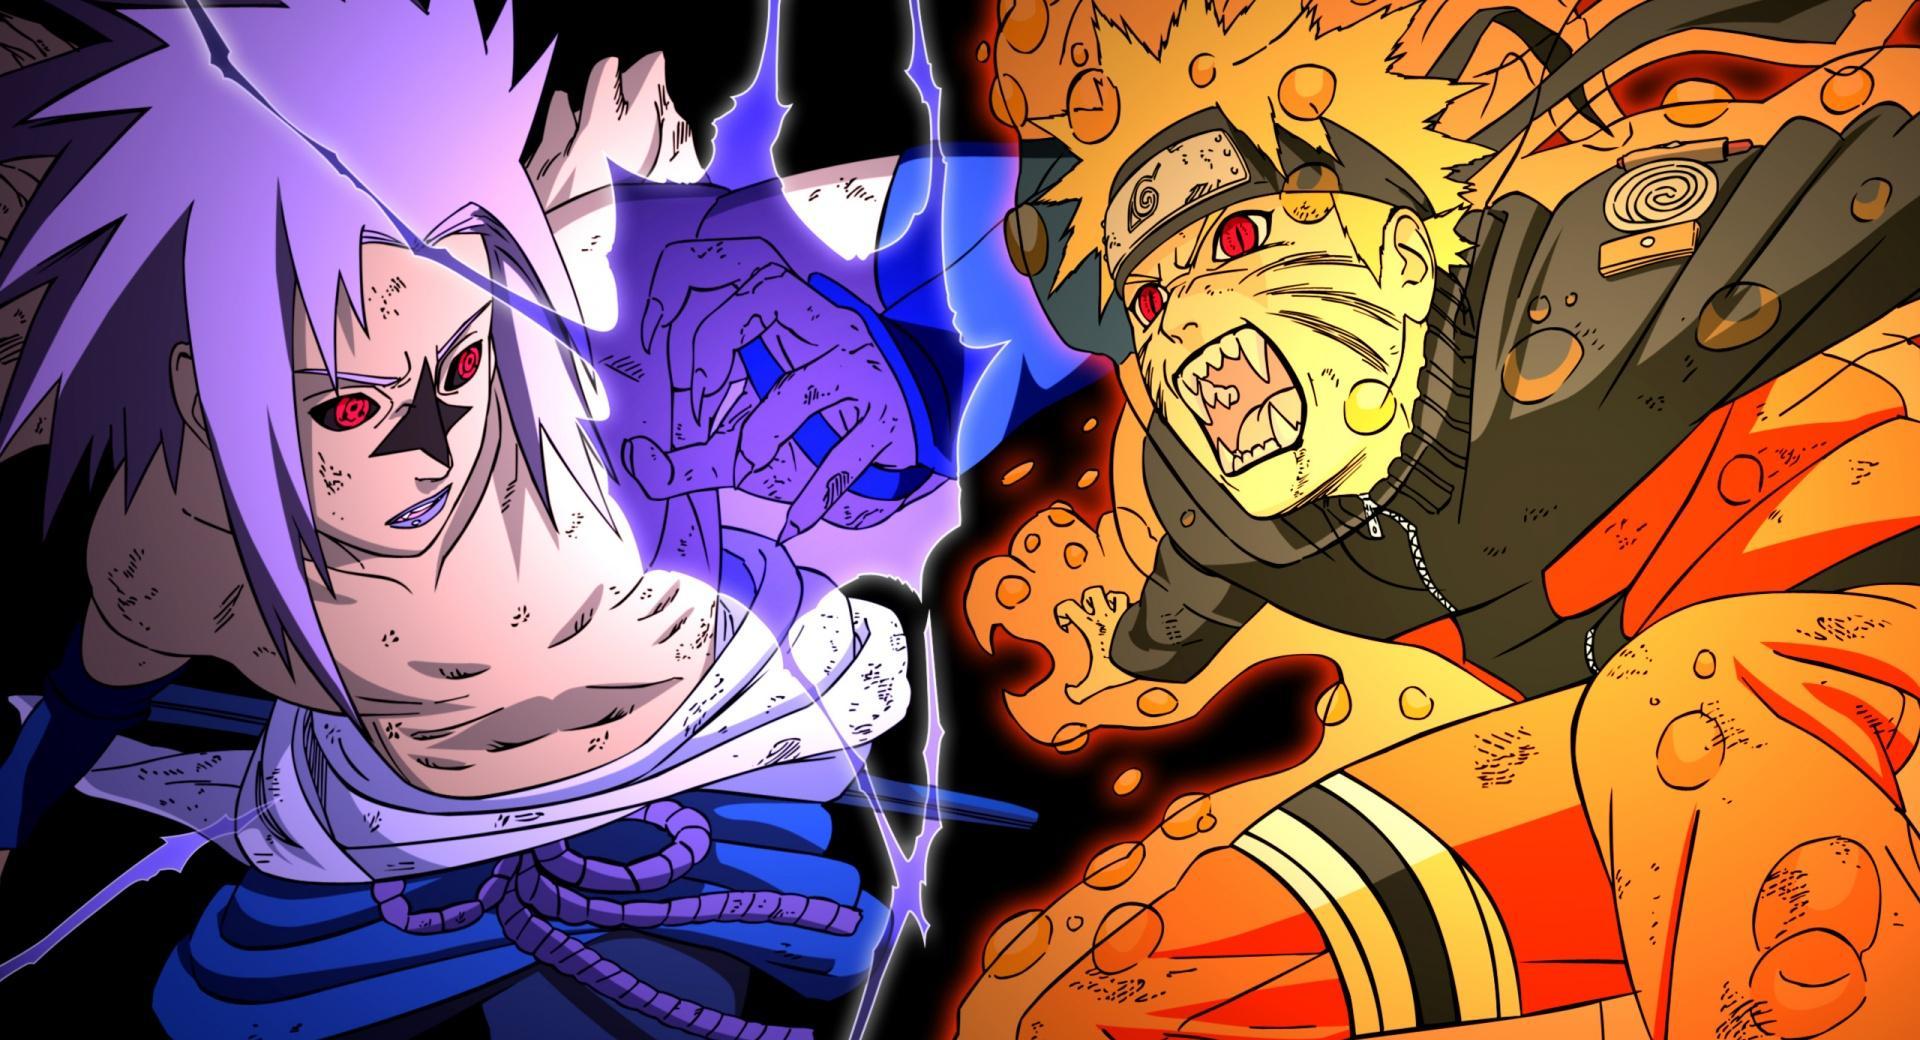 Naruto vs Sasuke - Fighting wallpapers HD quality